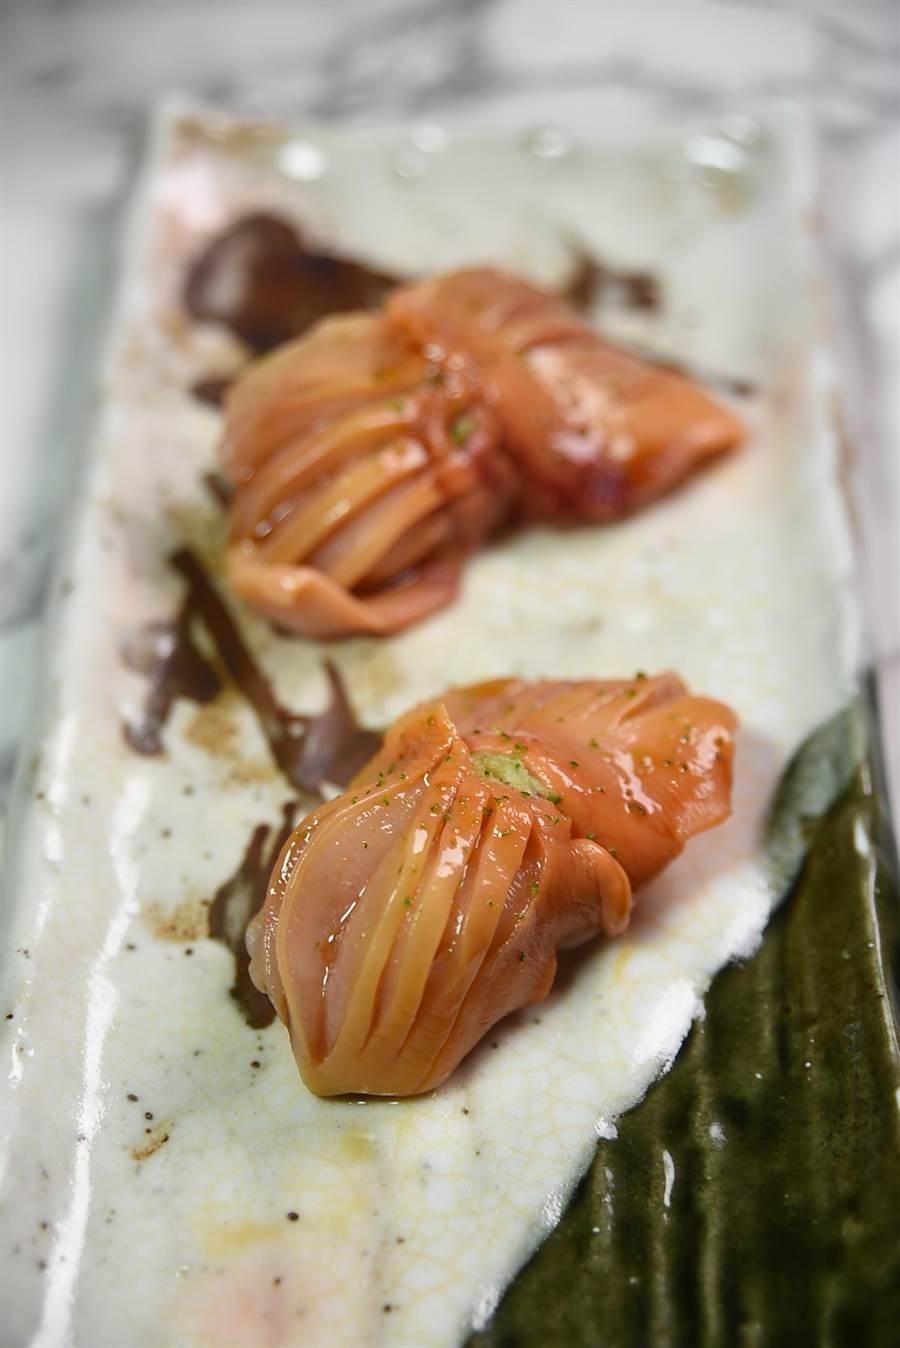 用山口縣赤貝作竹的握壽司,赤貝彈Q緊實並有甜度。(圖/姚舜攝)